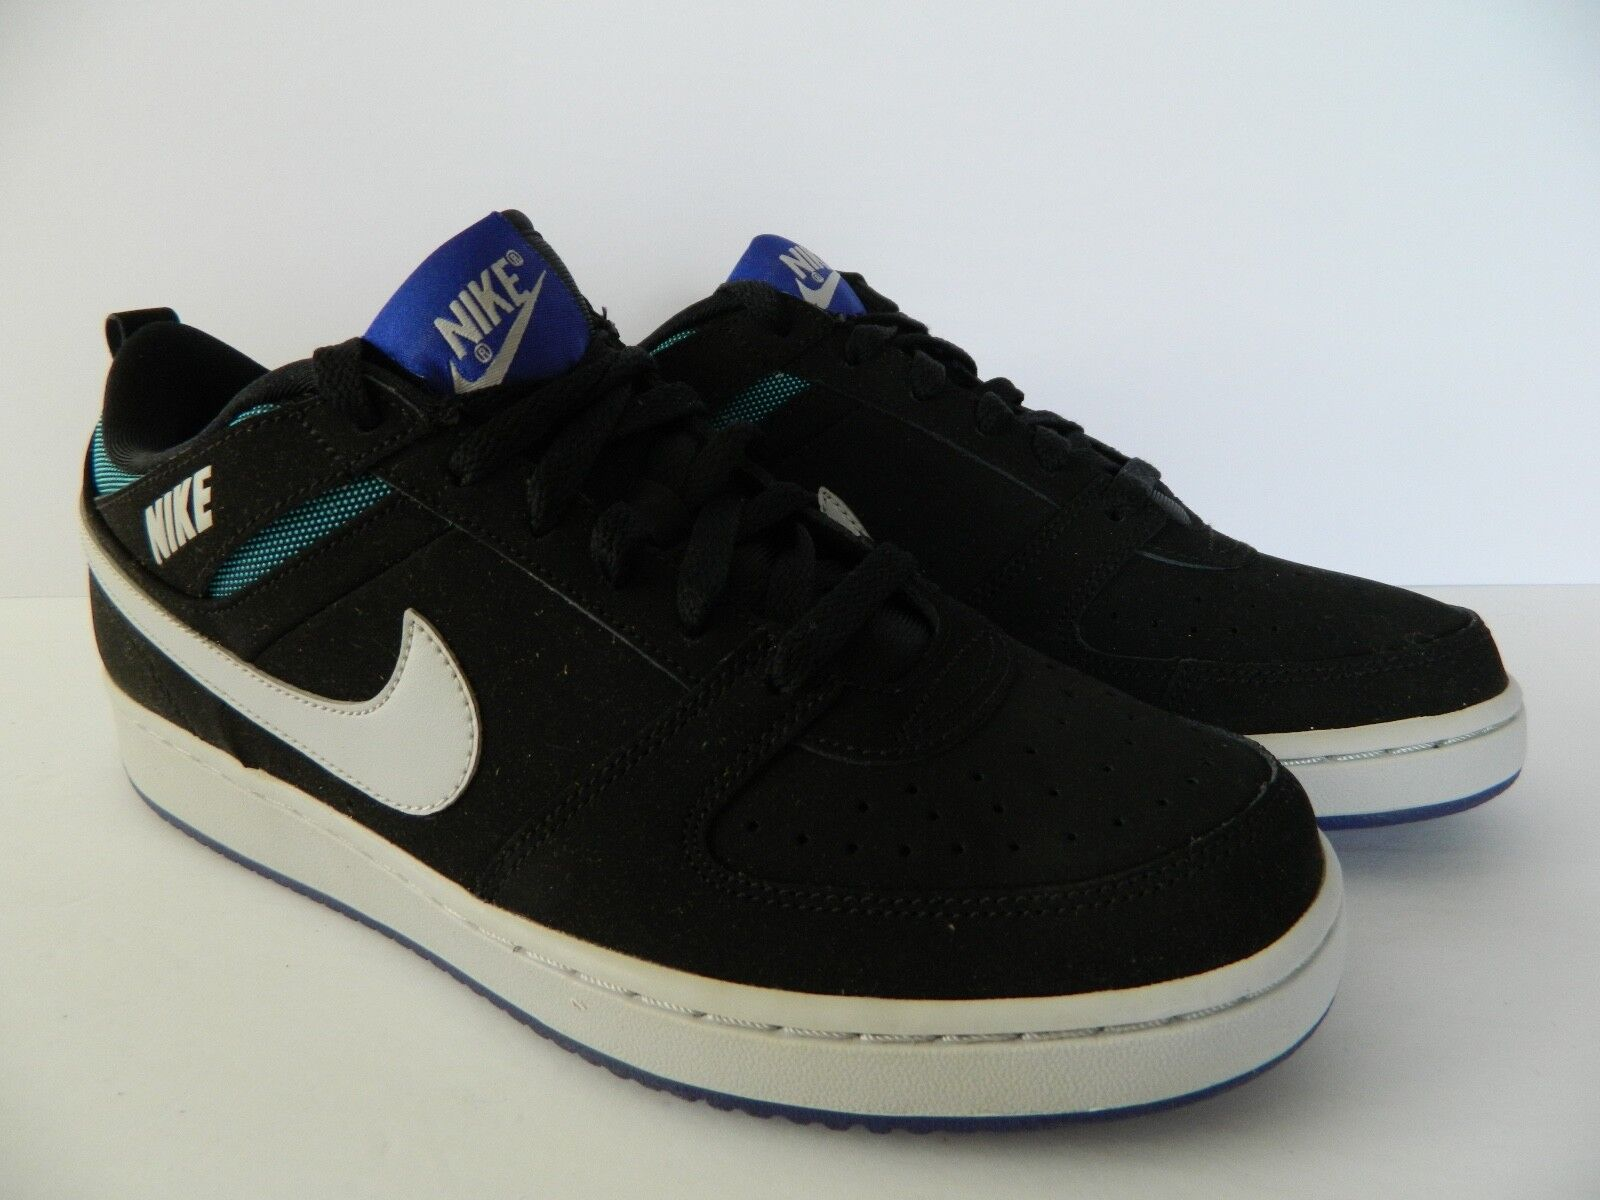 Nike wmns convenzione basso (nero / ntrl grey cncrd chlrn bl) (417418 001) pennino